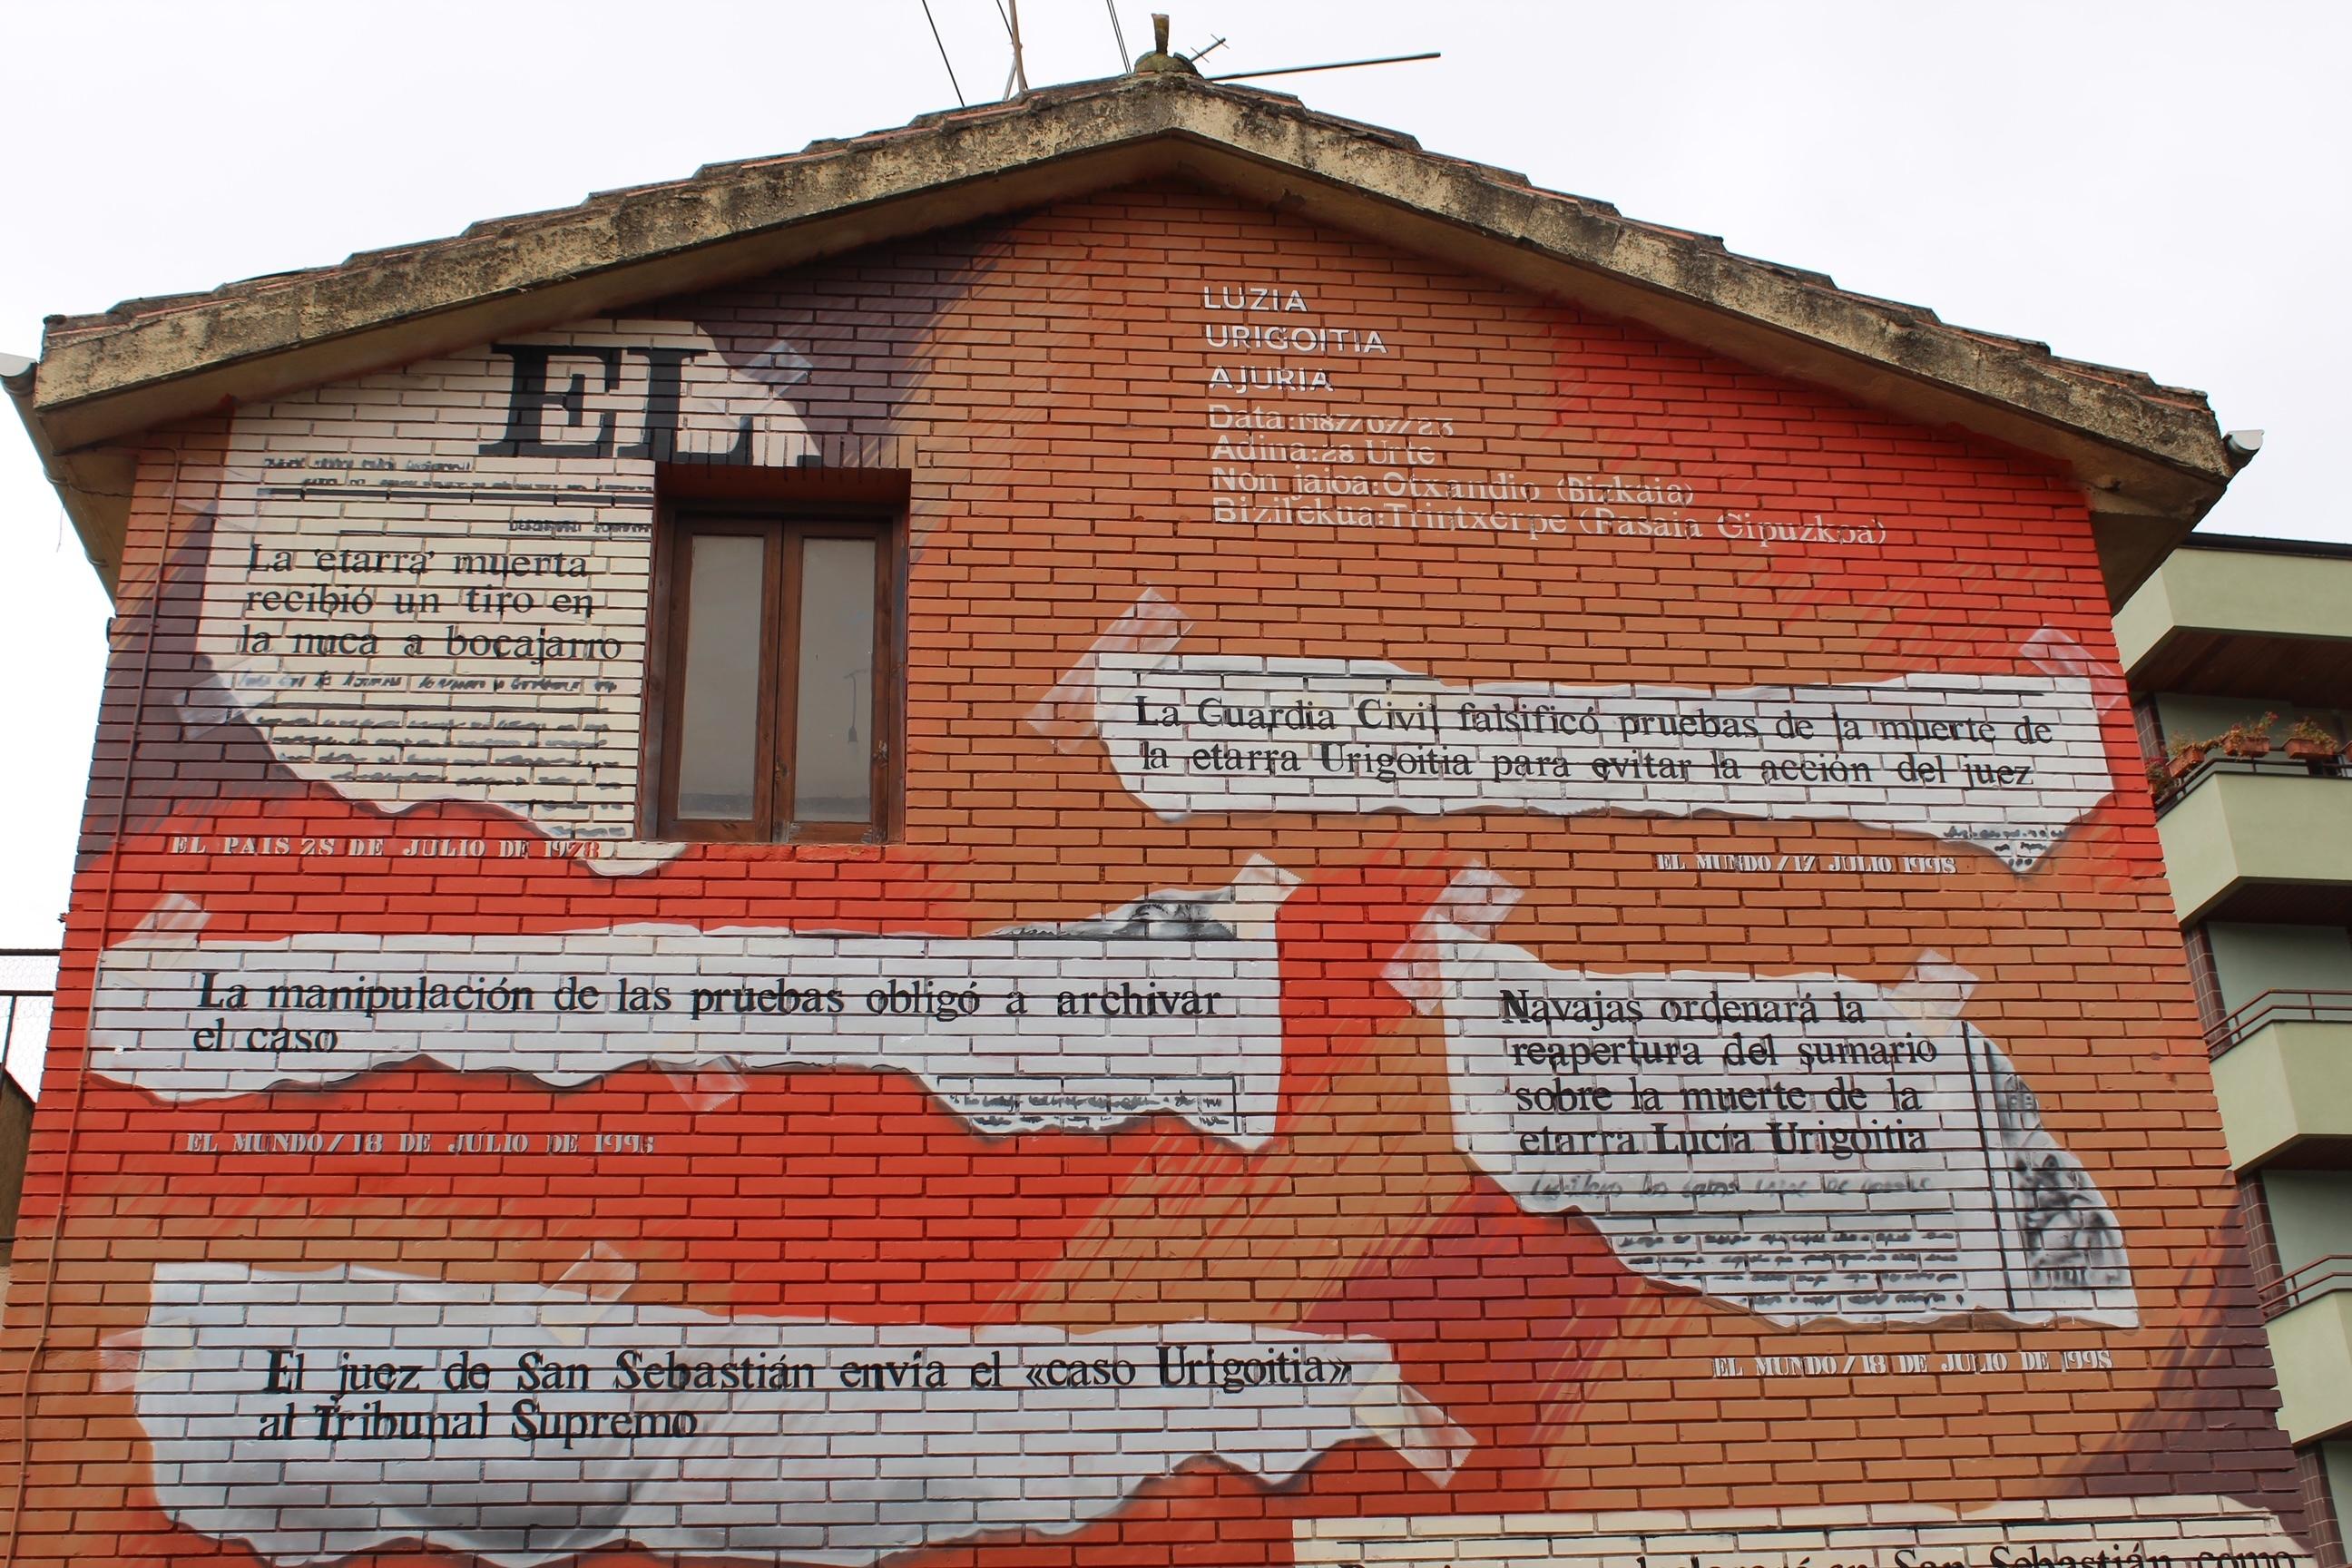 Mural en homenaje a la terrorista Lucía Urigoitia. EL MUNDO